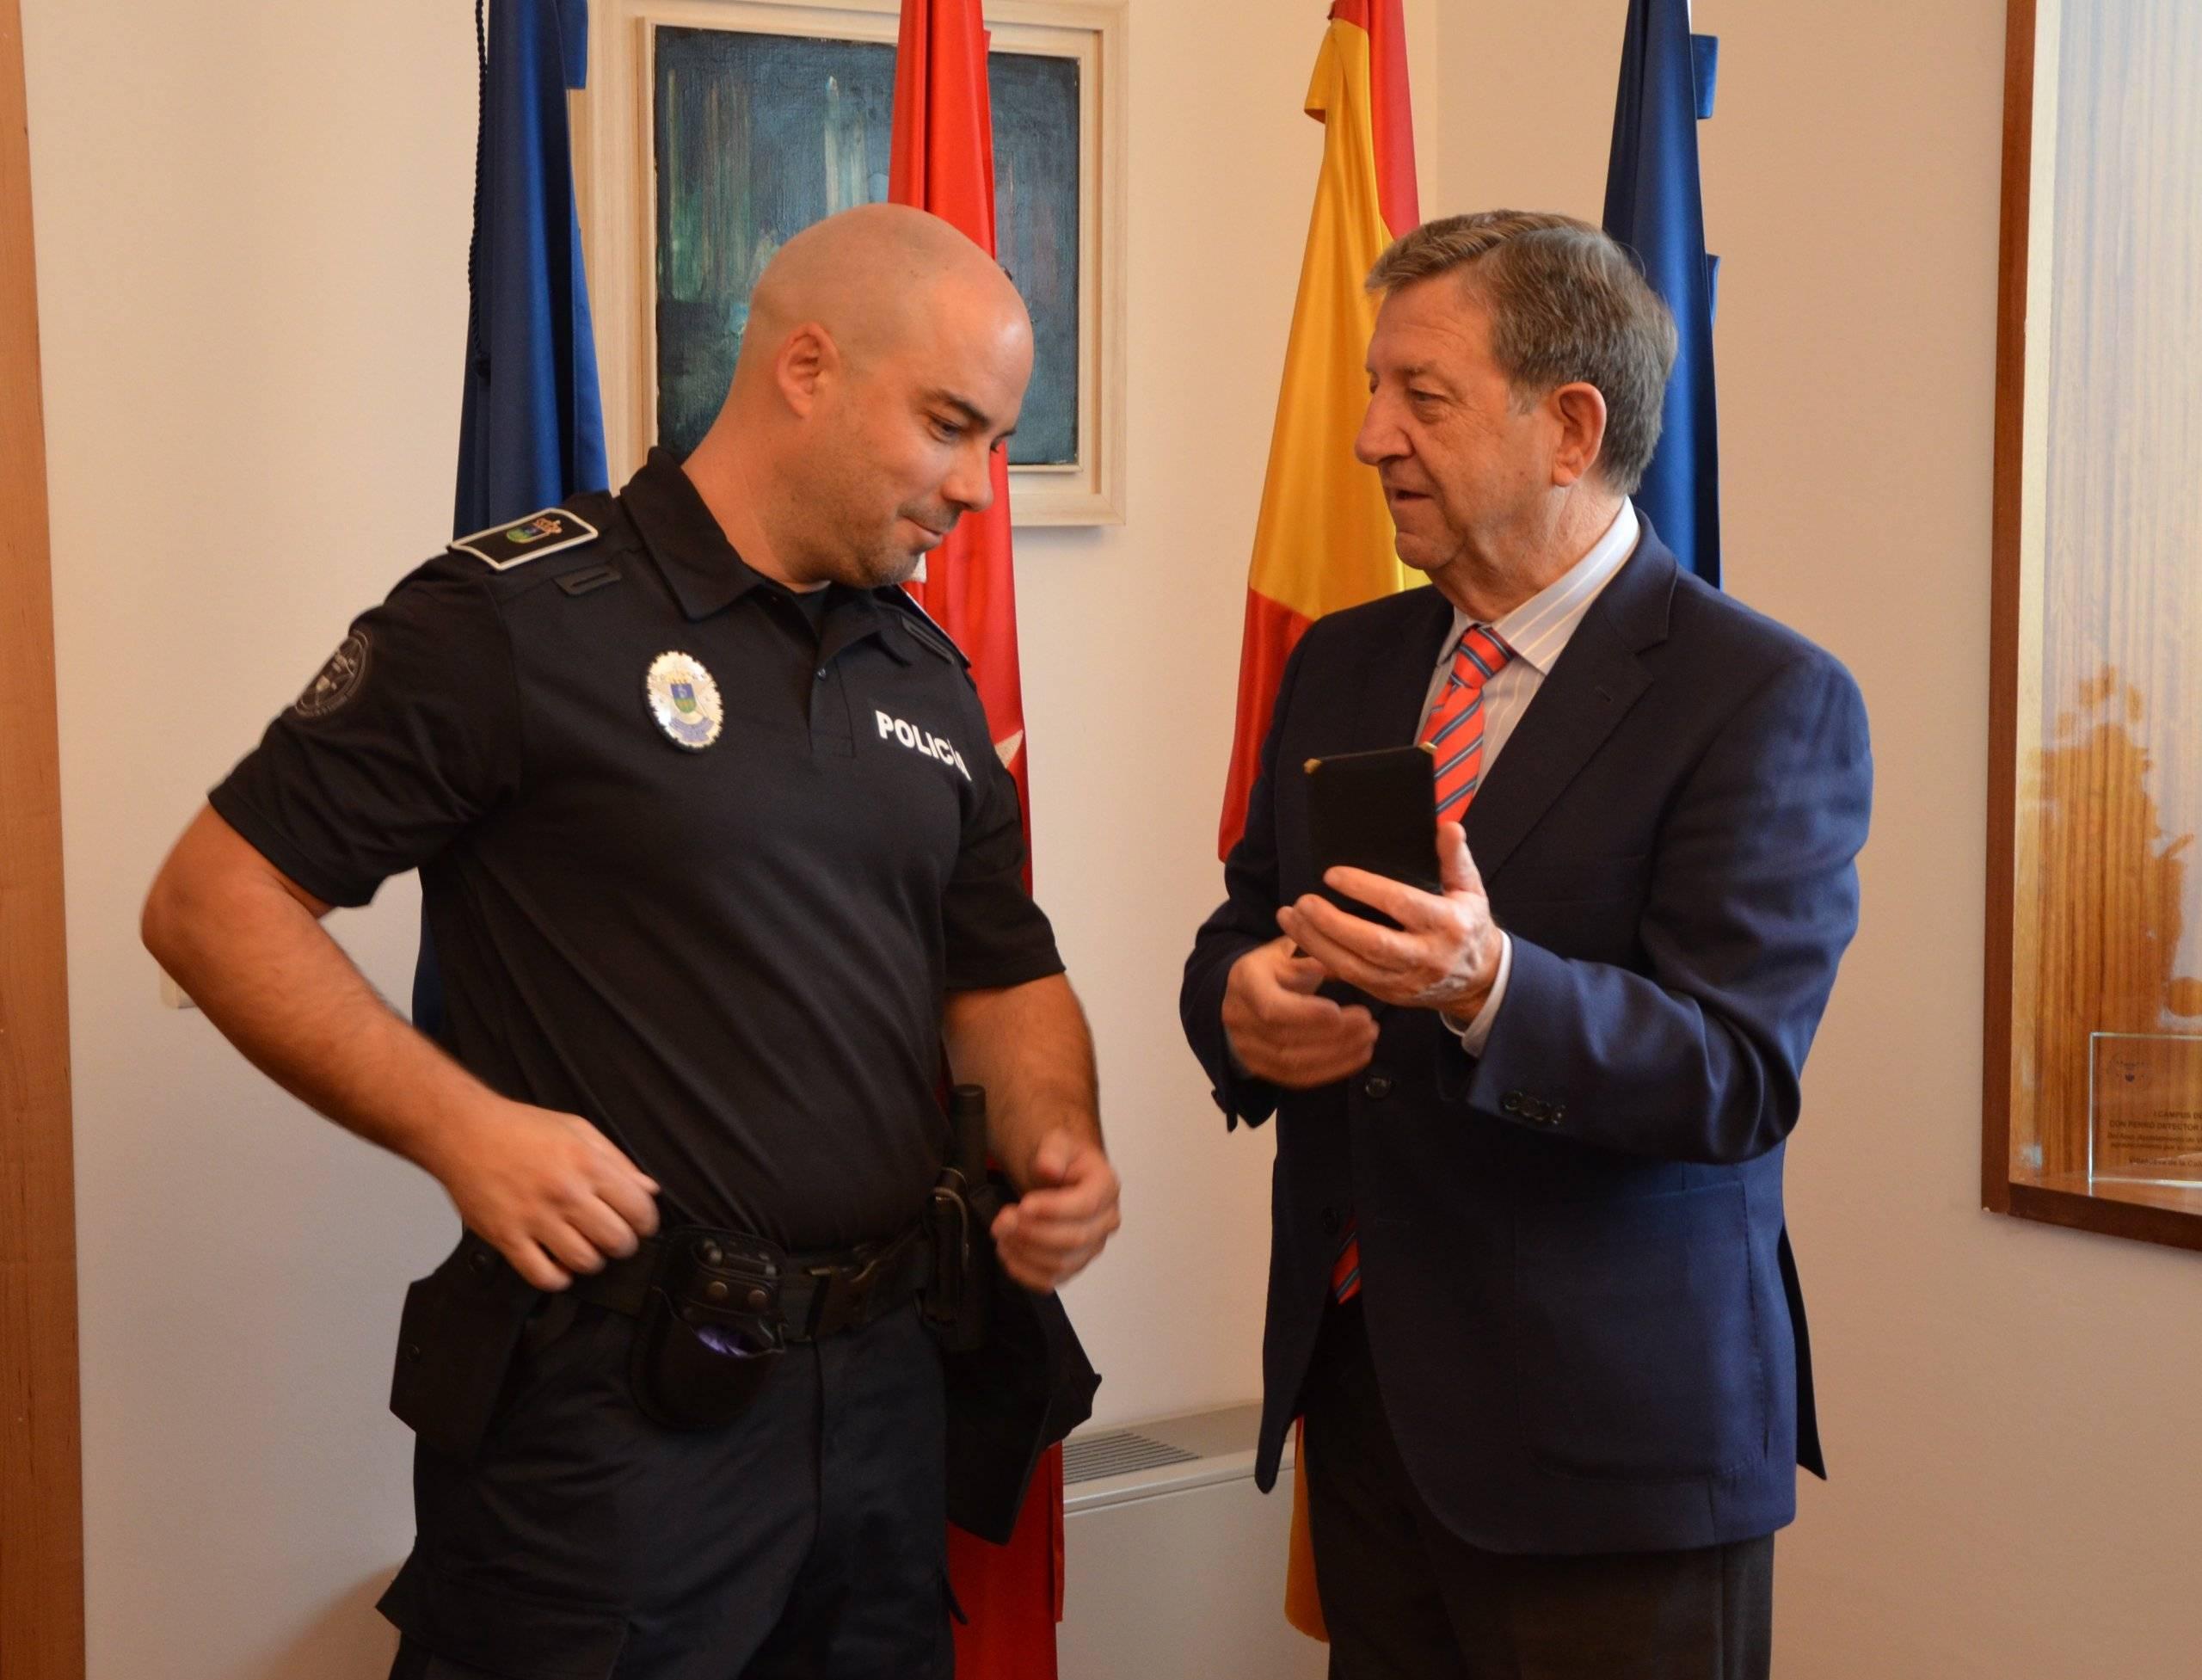 El alcalde y el nuevo agente de Policía Local, tras la toma de posesión